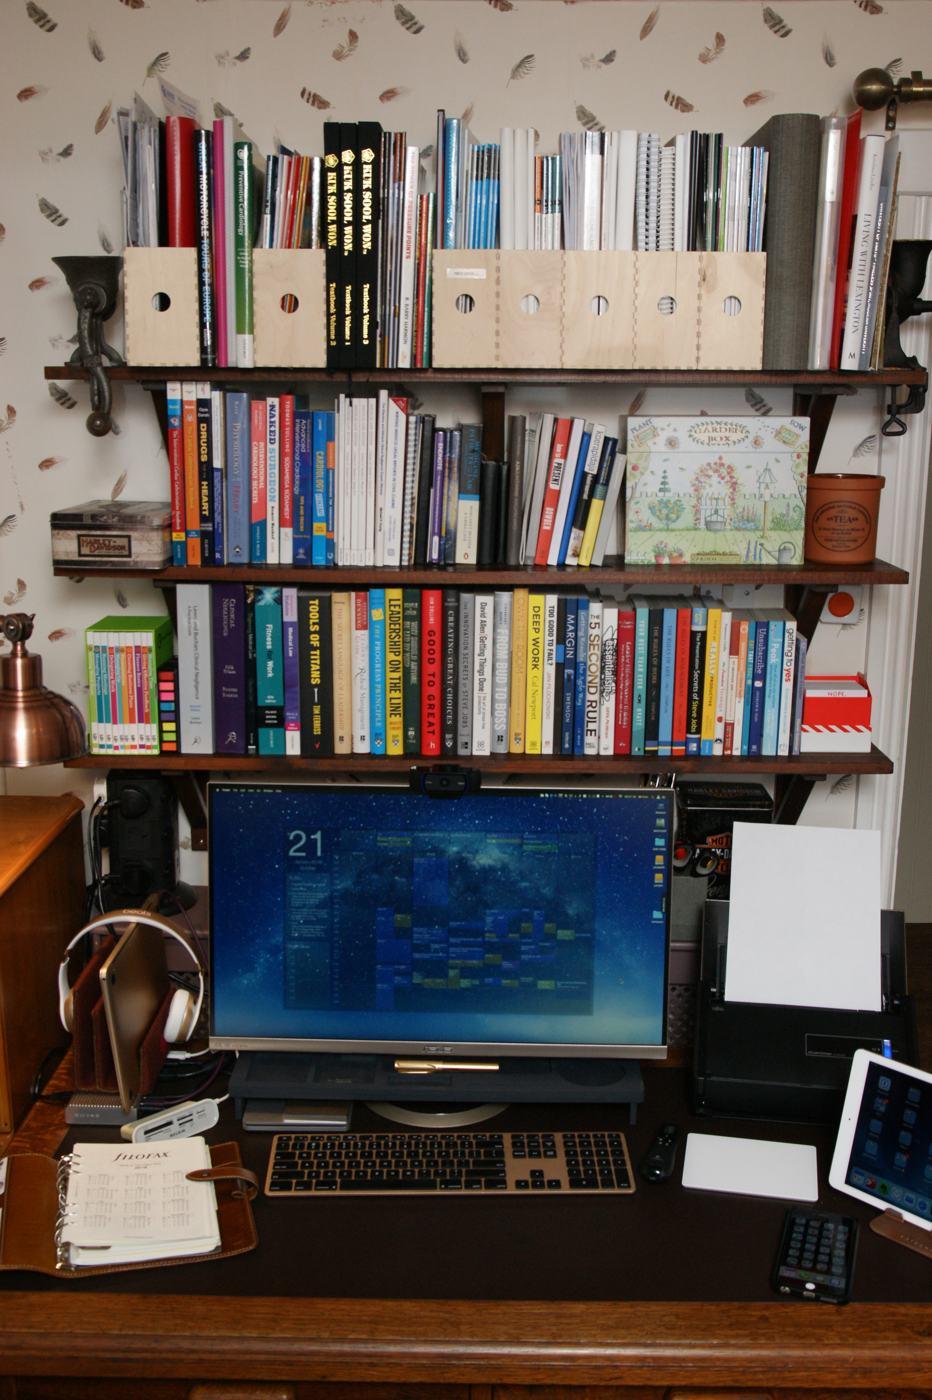 Toomas' desk